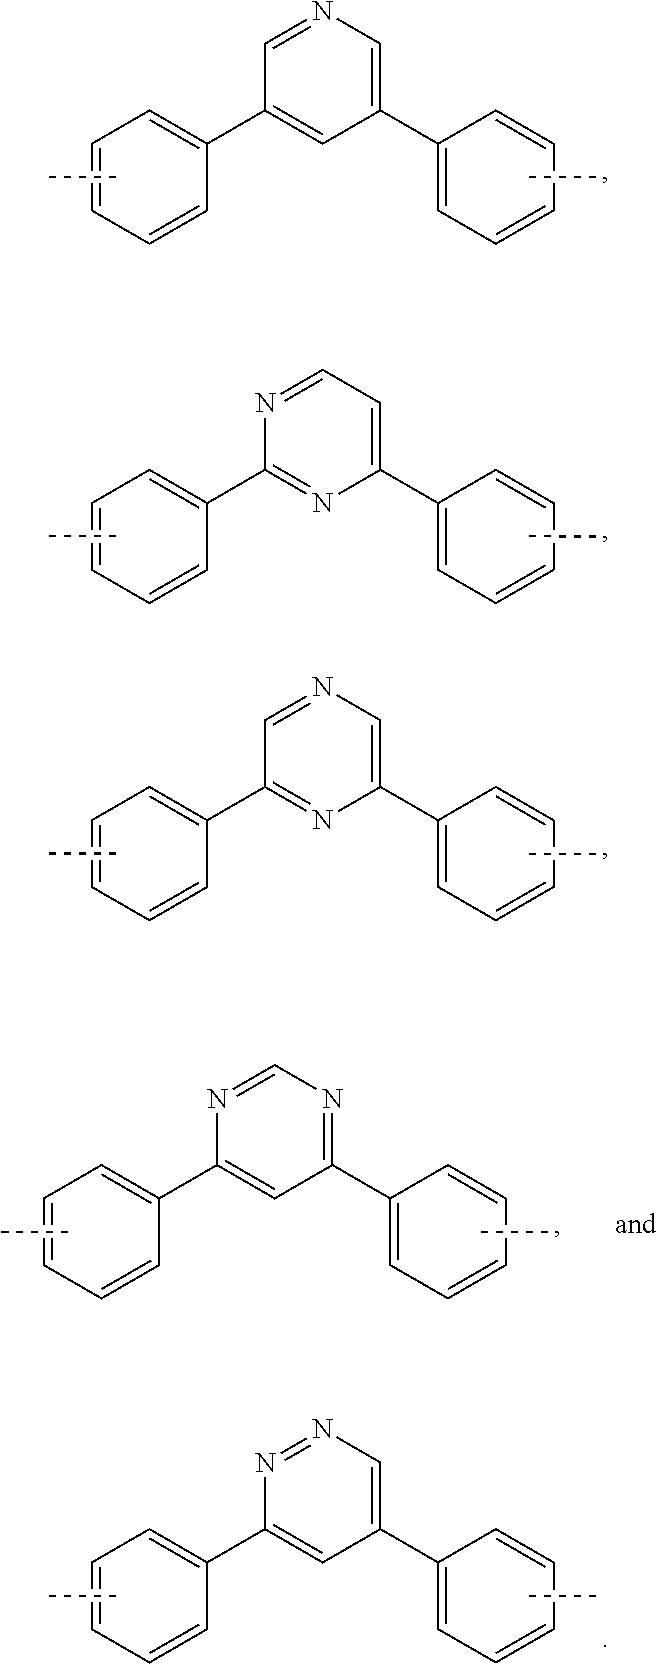 Figure US09553274-20170124-C00031